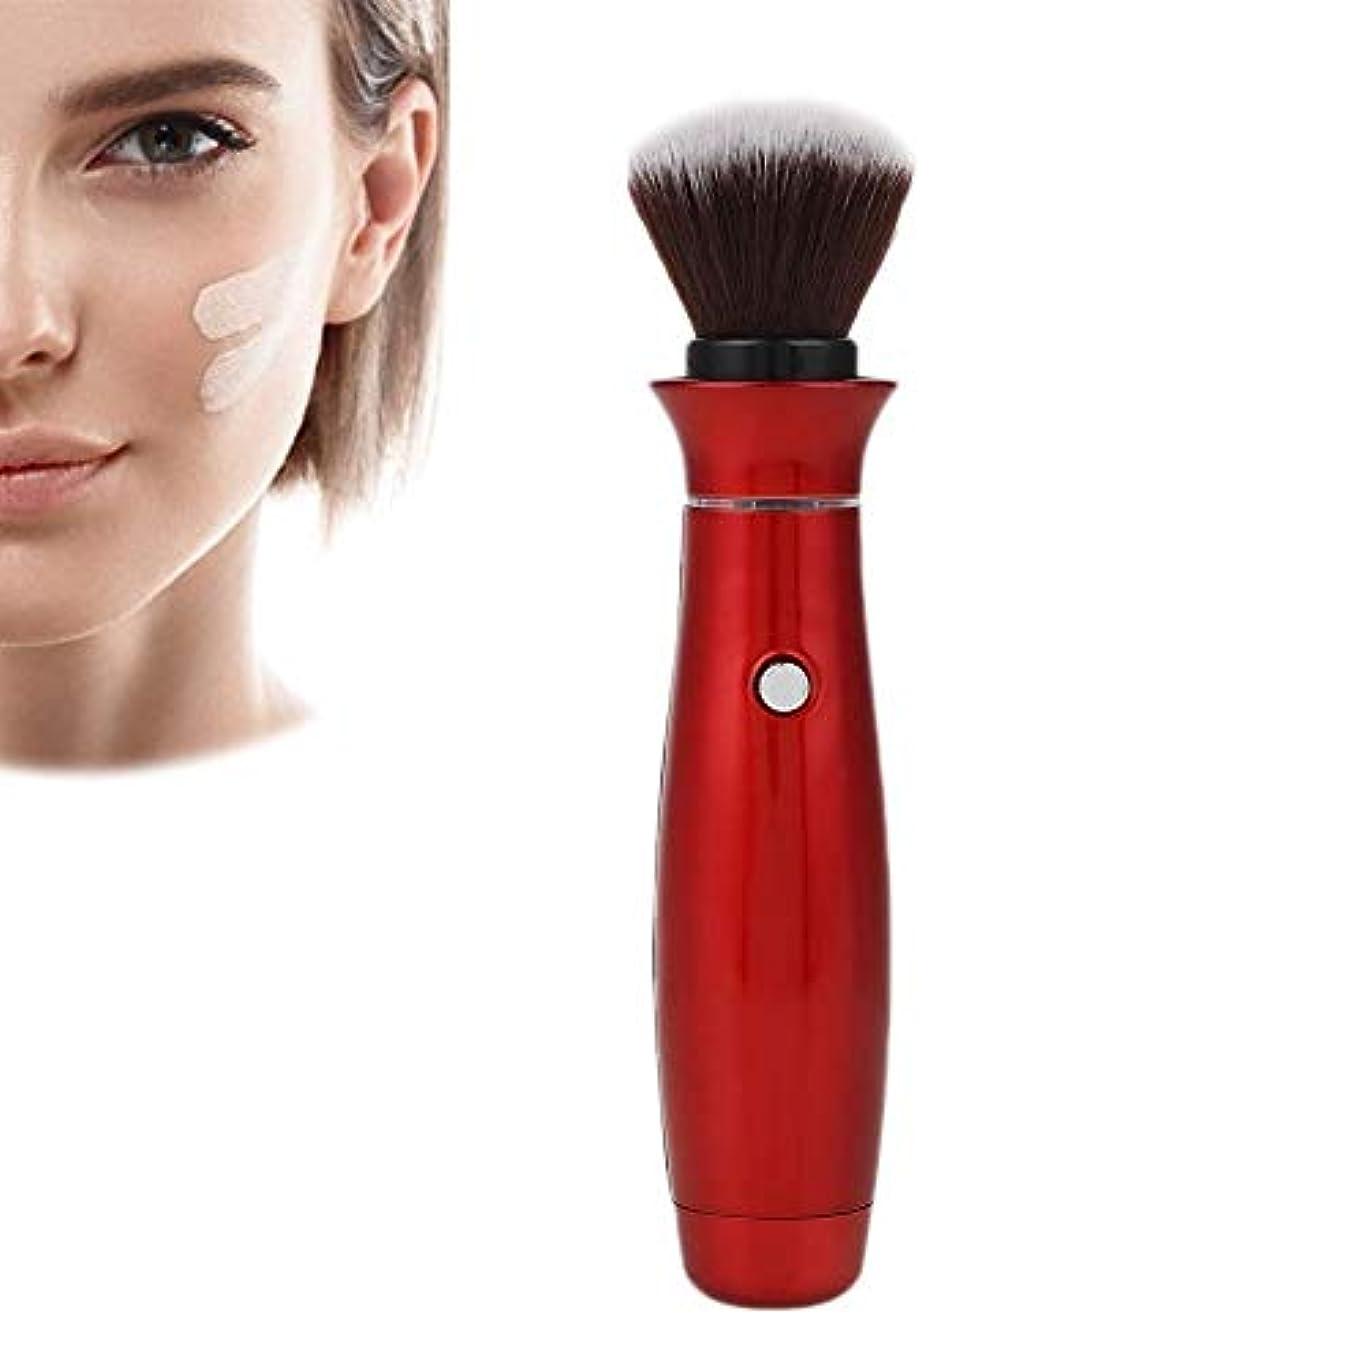 ラリーベルモントまたね本会議新しい化粧ブラシフェイシャルマッサージブラシ電気クリーニングブラシウォッシュブラシ美容メイクアップツール